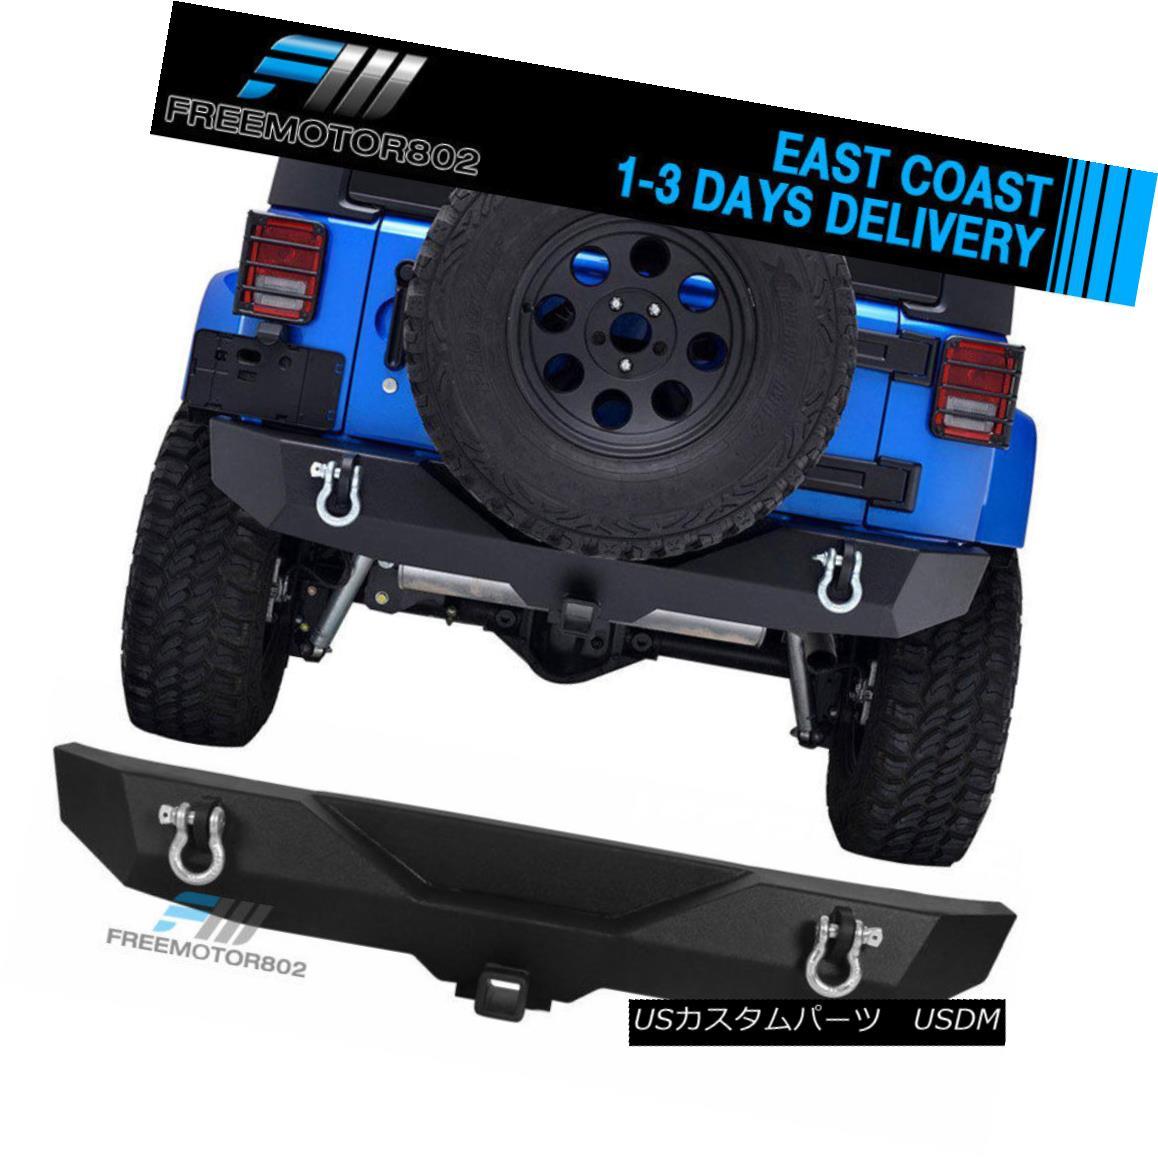 エアロパーツ Fits 07-18 Jeep Wrangler Black Textured Rear Bumper -C1 Guard Kits フィット07-18ジープラングラーブラックテクスチャリアバンパー-C1ガードキット